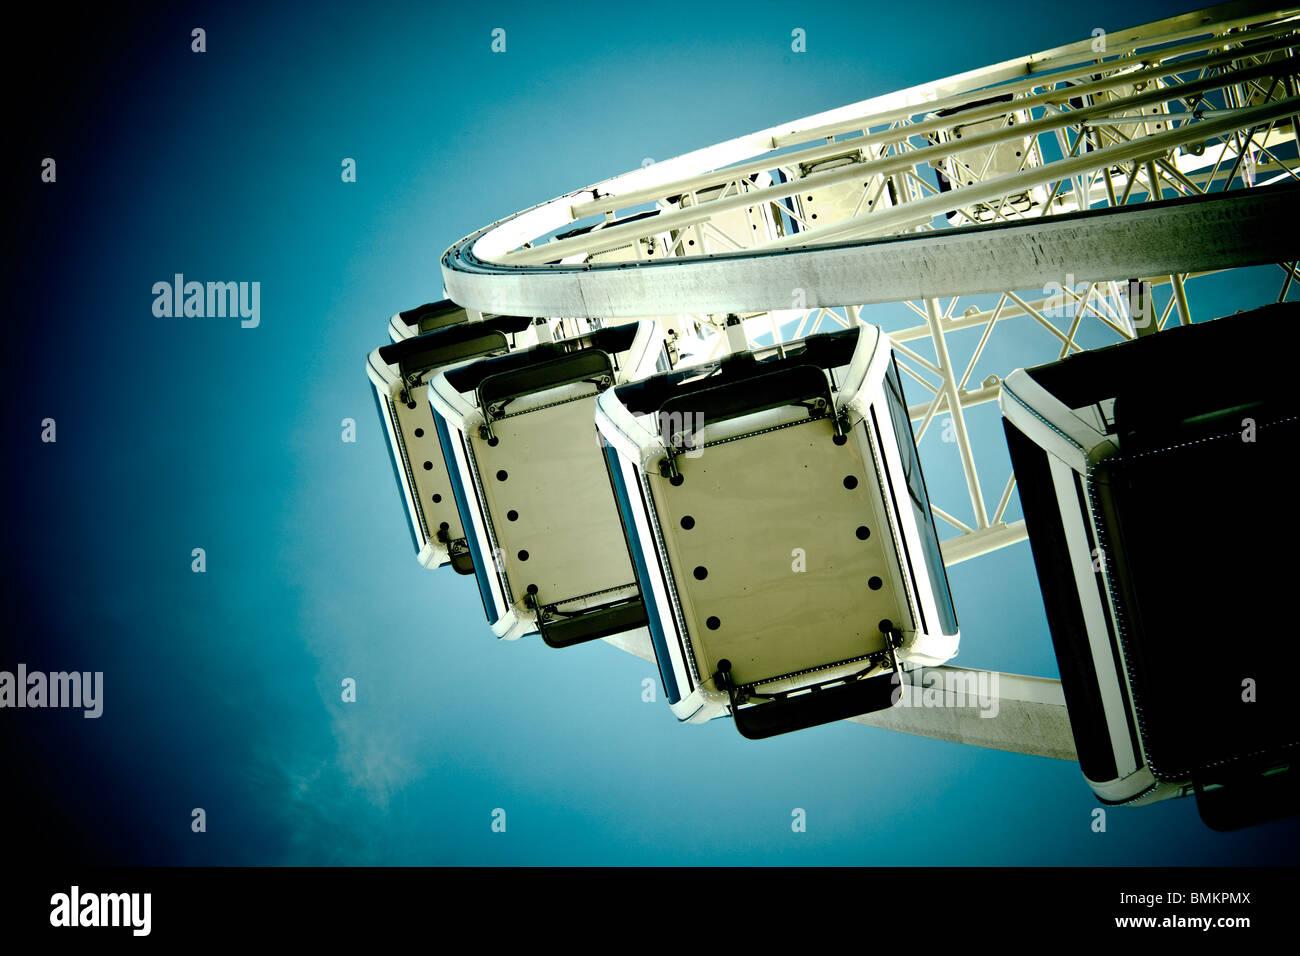 Riesenrad Kabinen auf Himmelshintergrund. getönten Bild Stockbild